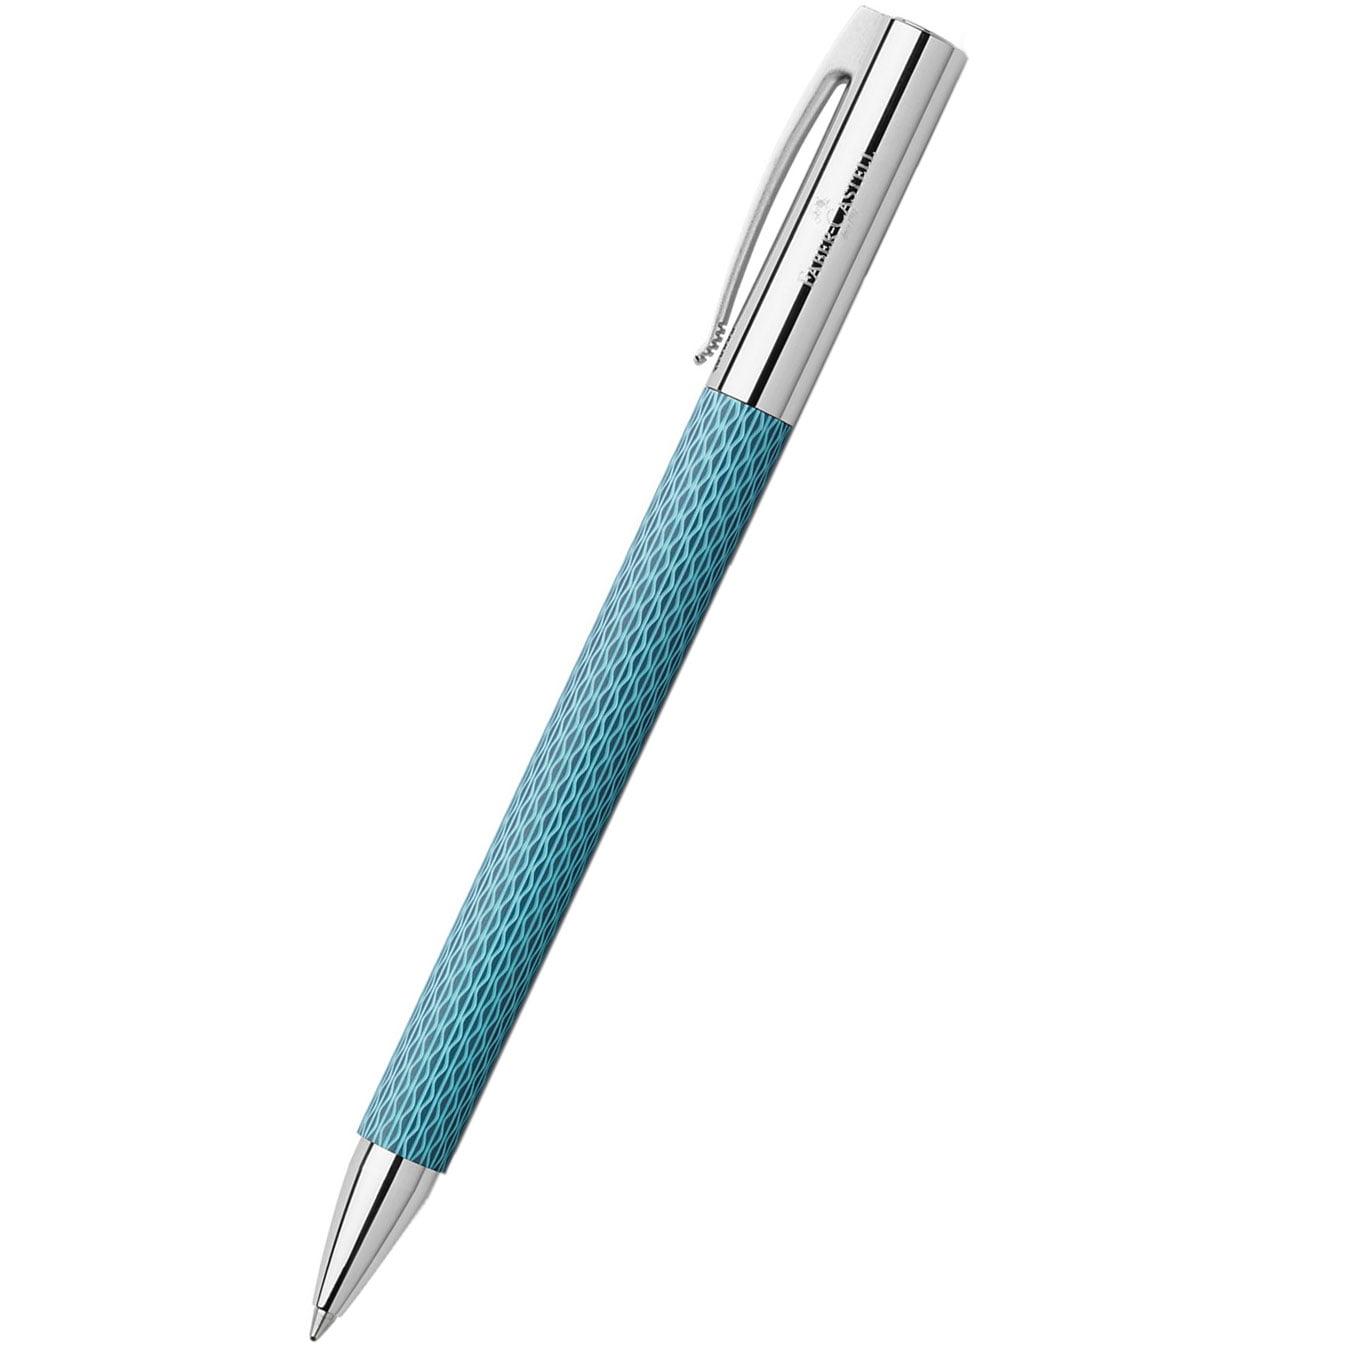 Faber-castell Ambition OpArt Blue Ocean Ballpoint Pen